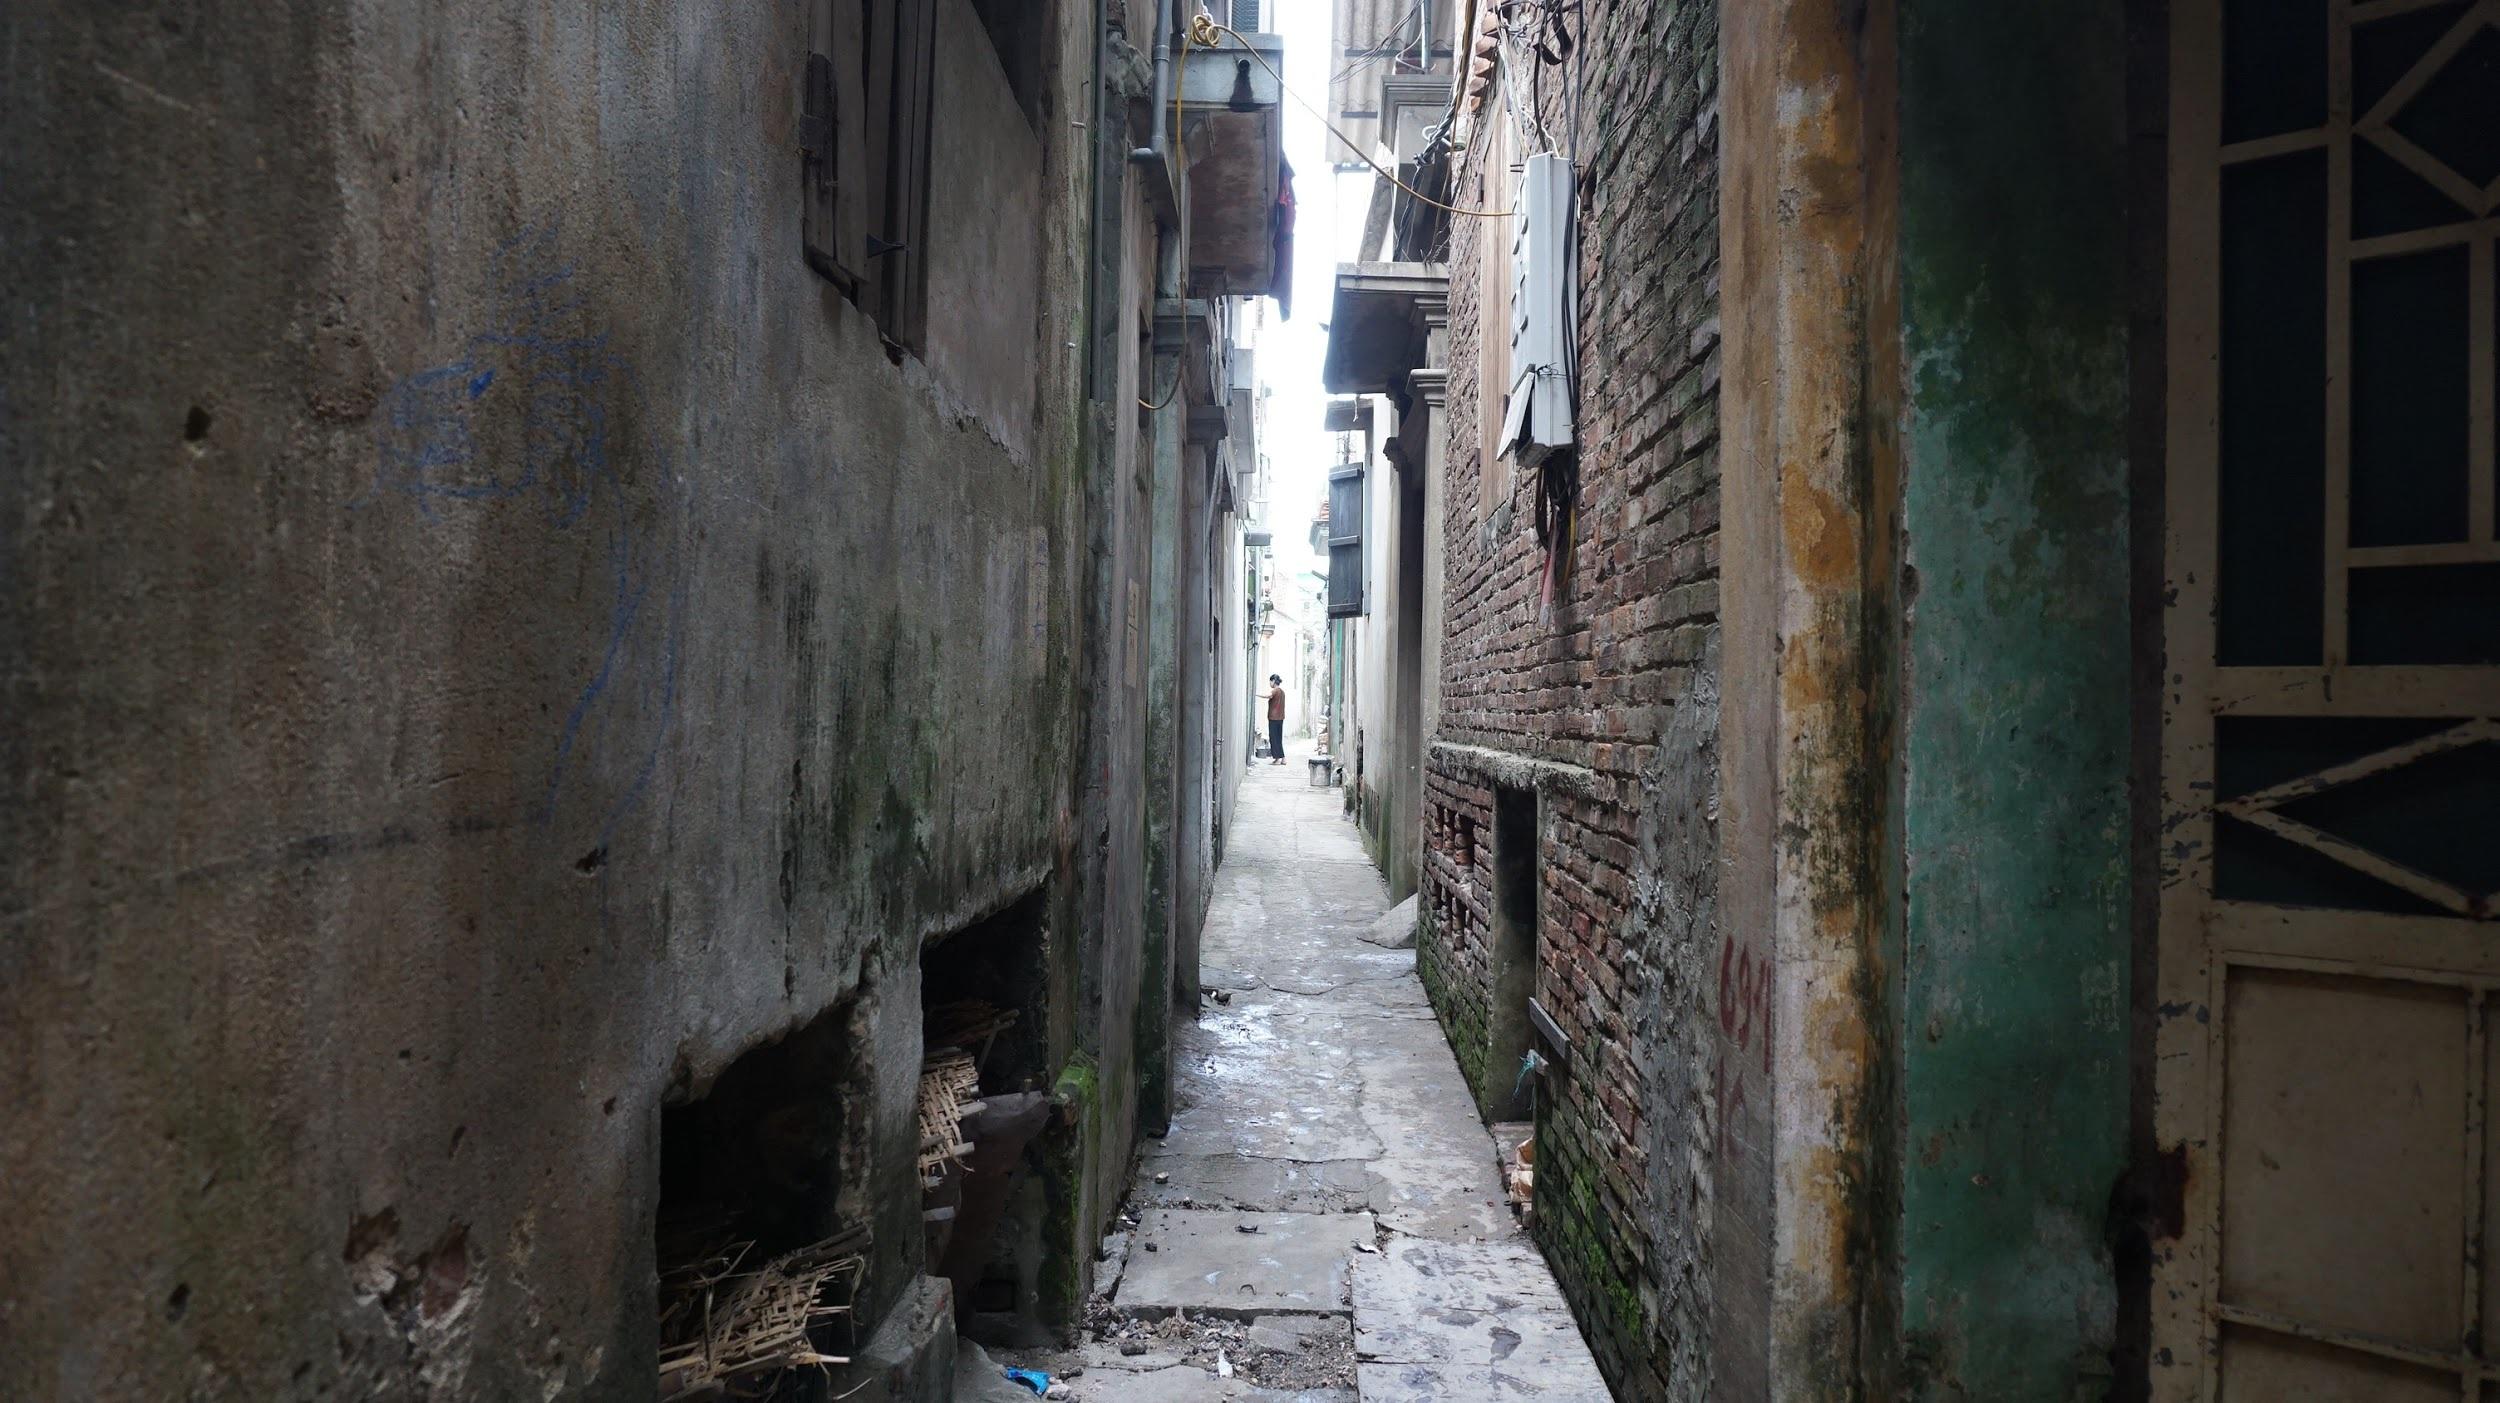 Kỳ lạ làng có những ngôi nhà xây bằng tiểu sành độc nhất ở Việt Nam - 3